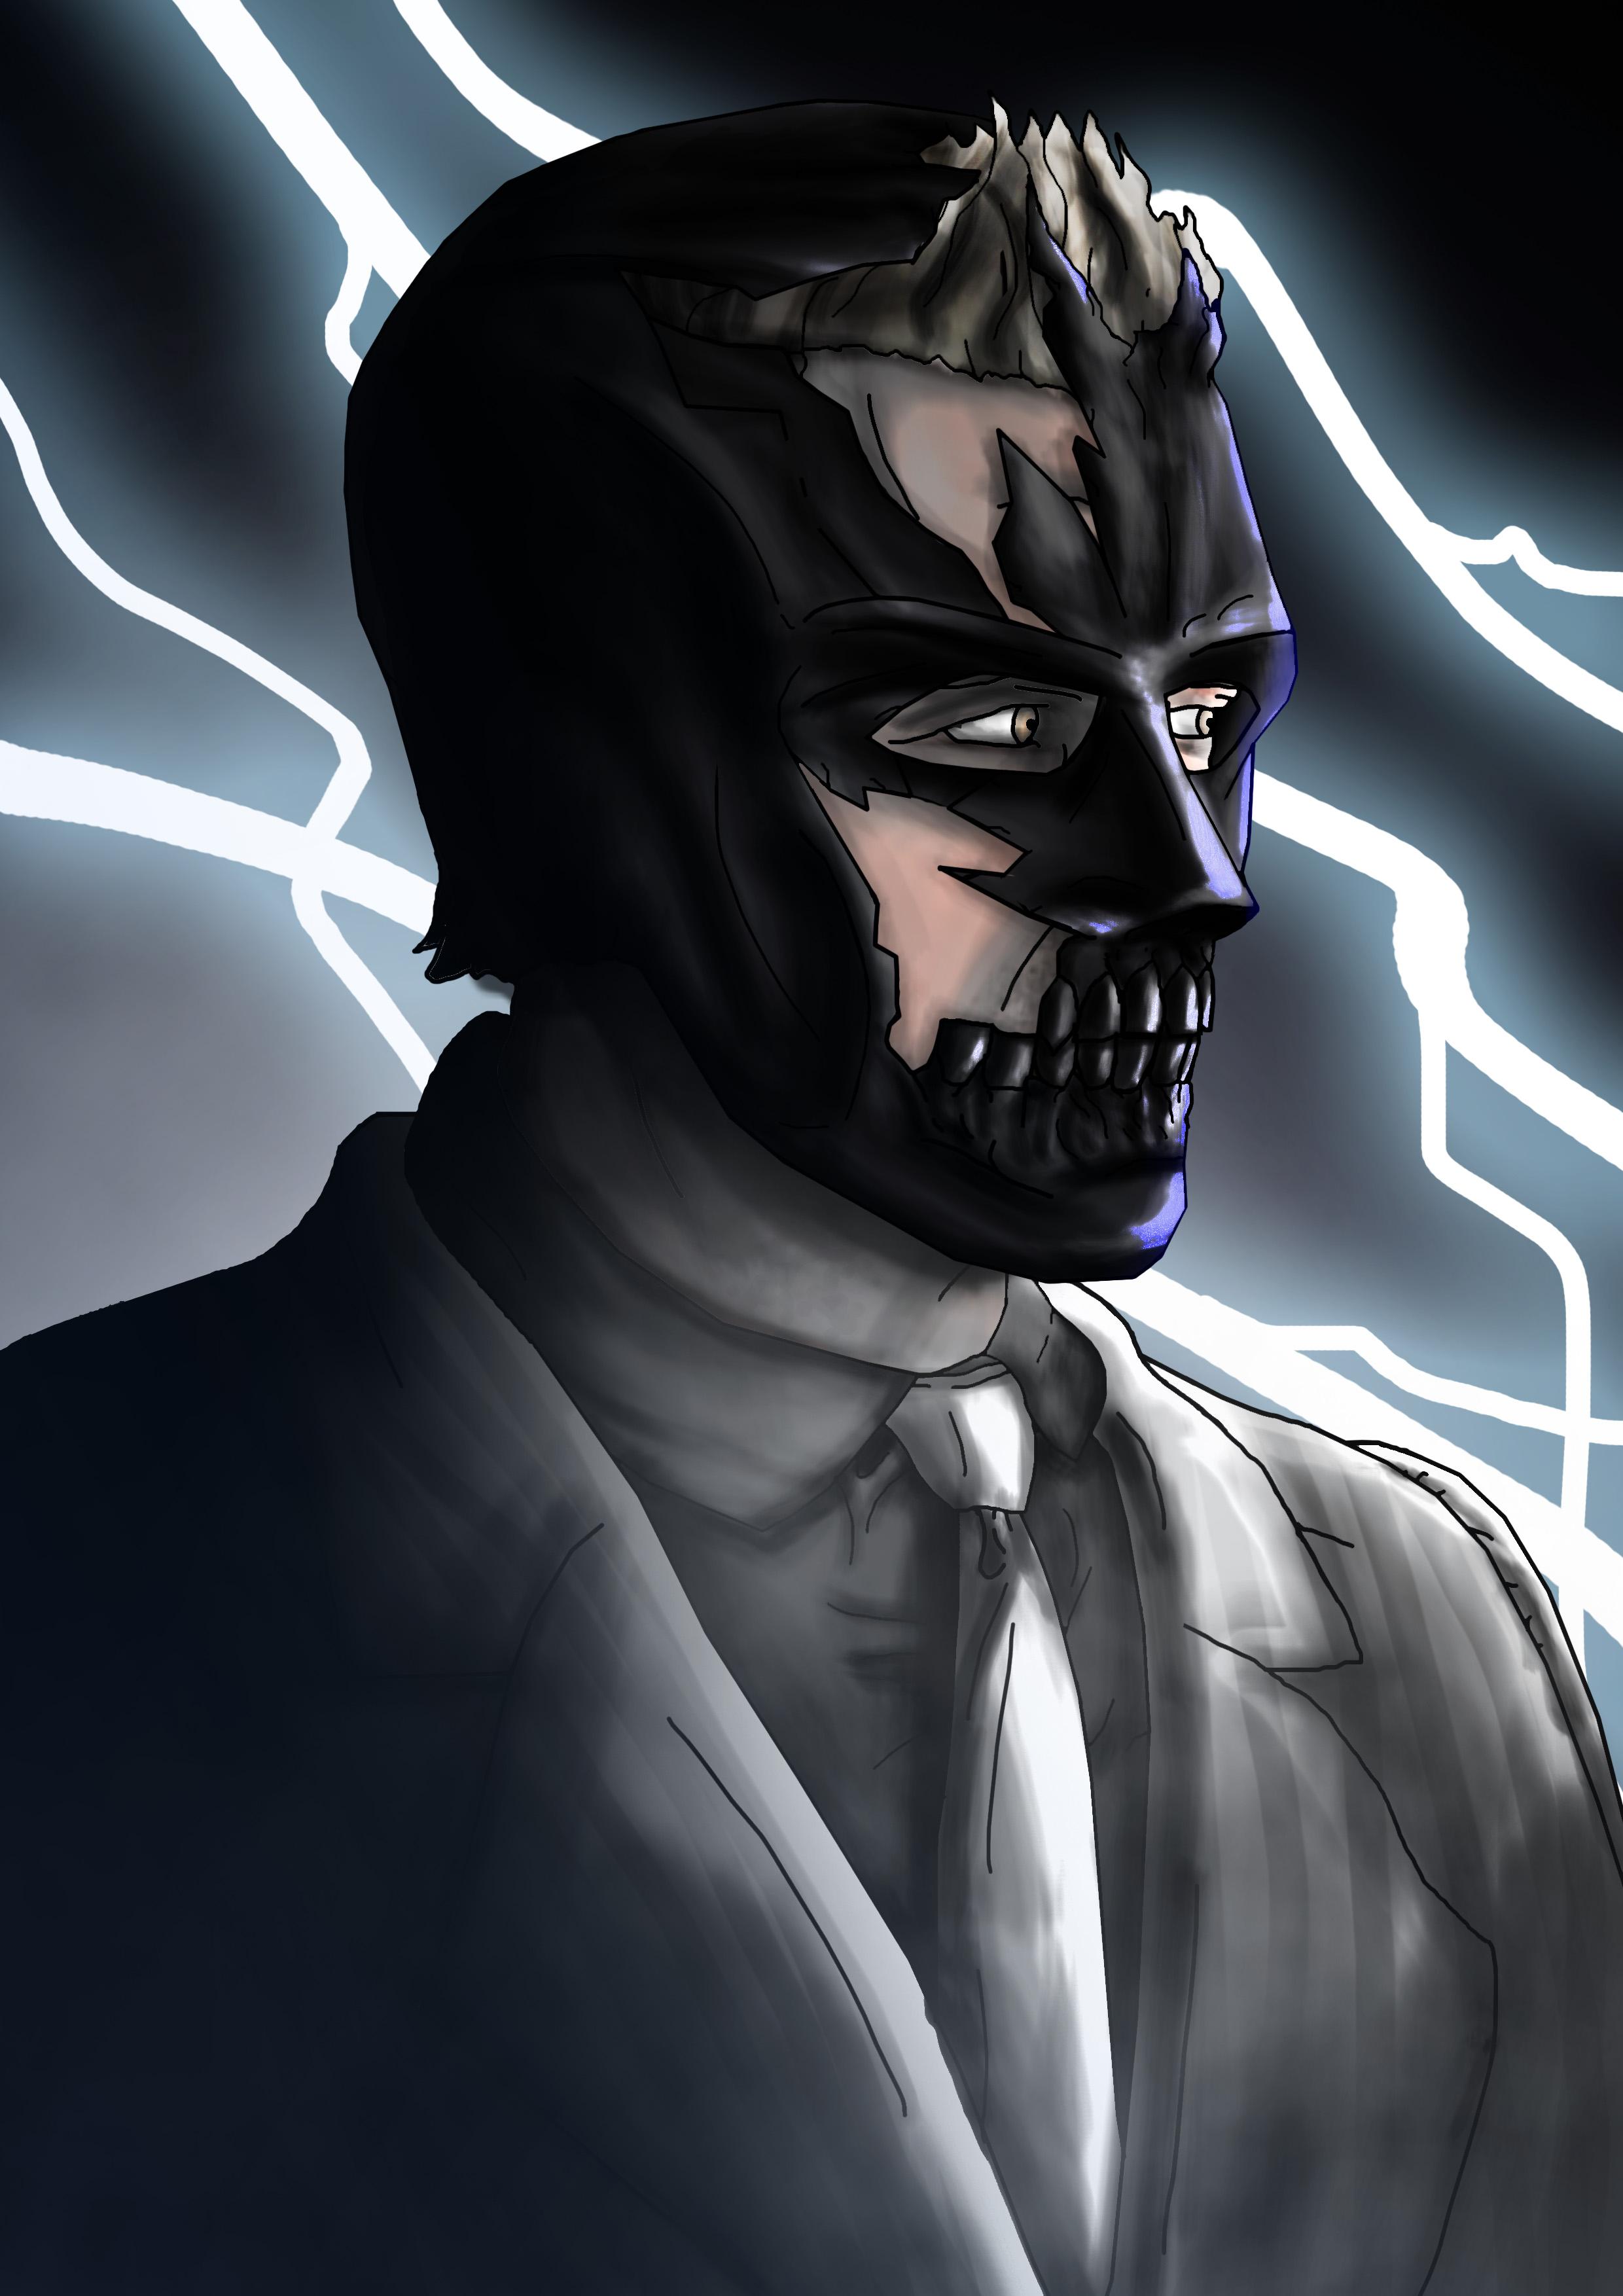 Black Mask Ewan Mcgregor With Mask By Digestingbat On Deviantart